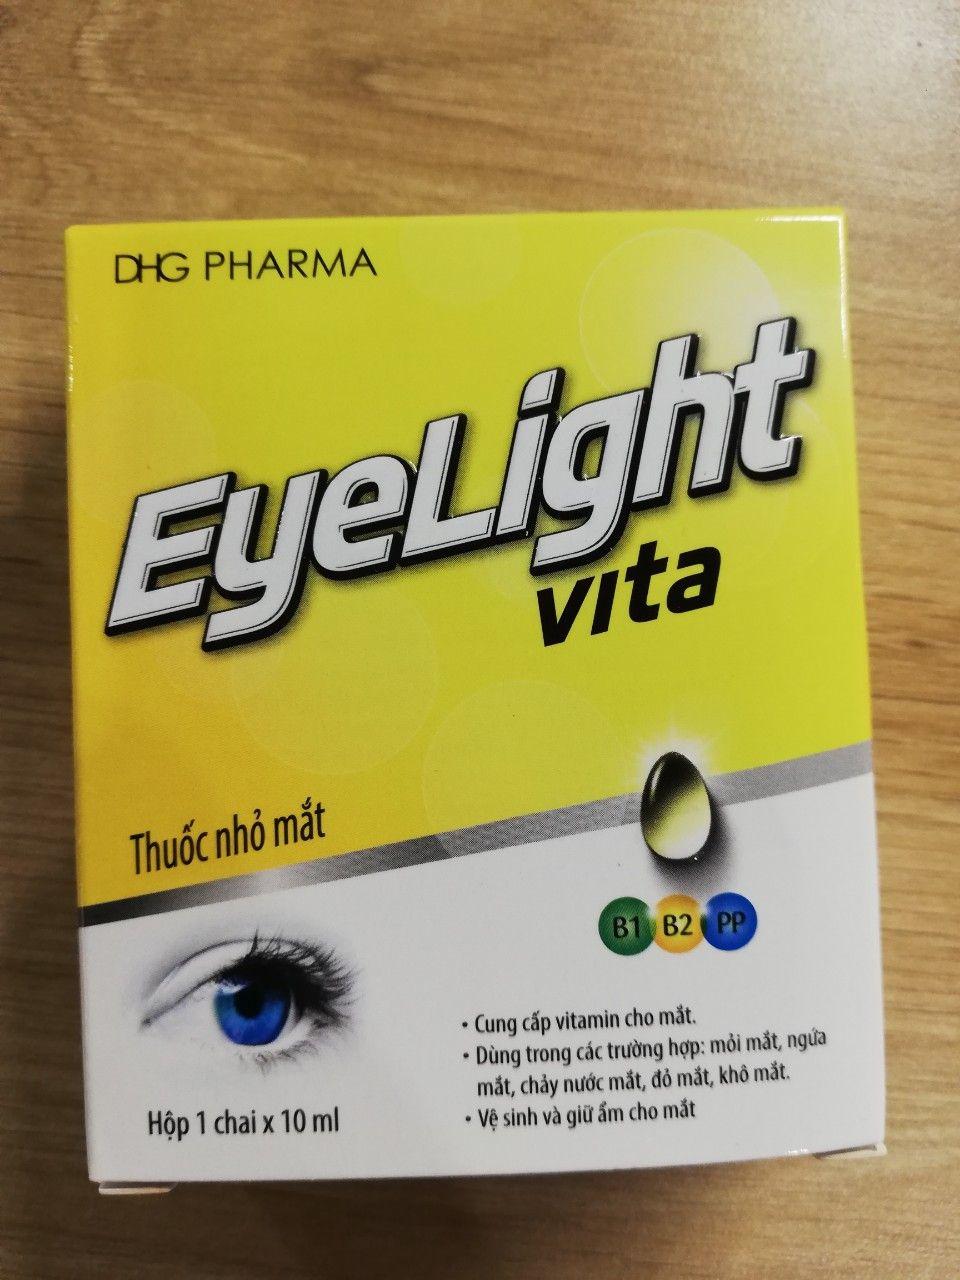 Thuốc nhỏ mắt Eyelight Vita DHG Pharma giúp bảo vệ đôi mắt